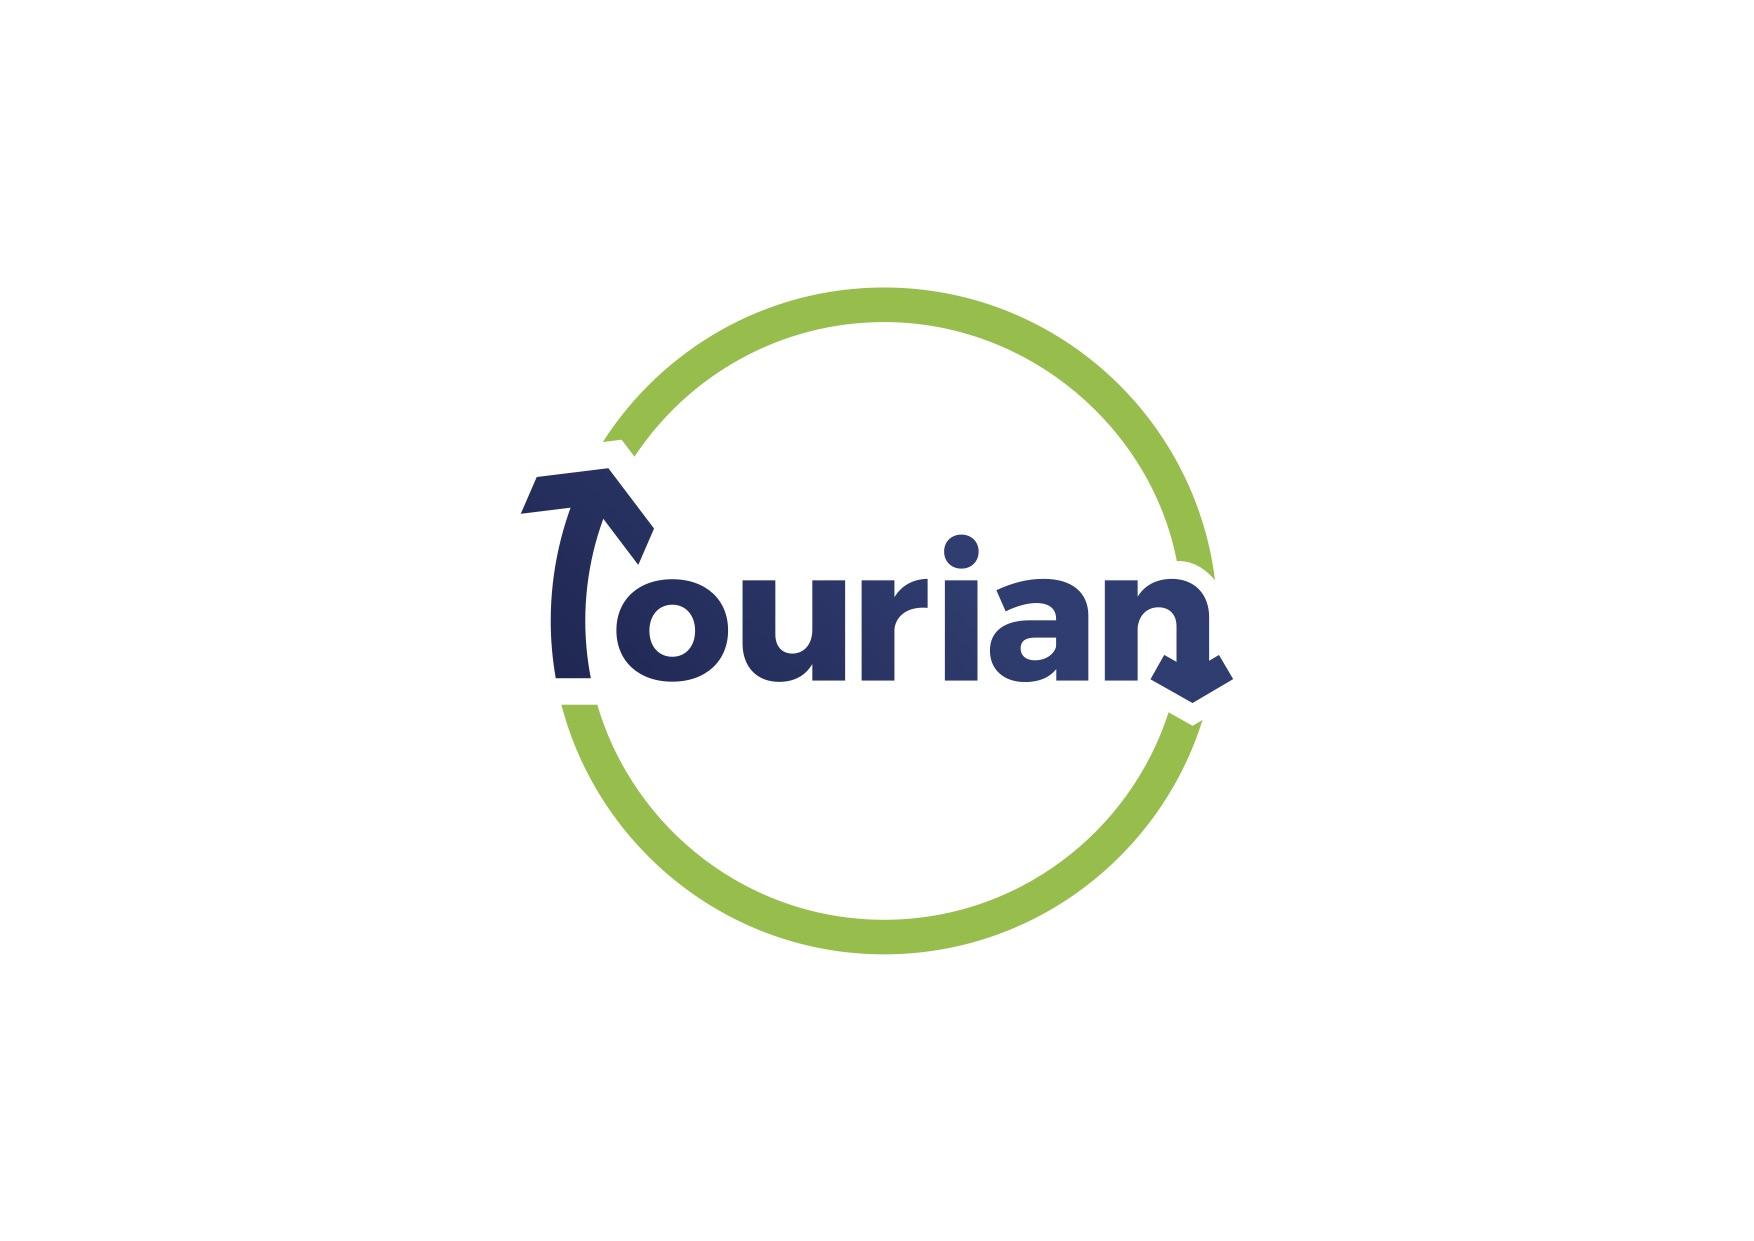 Tourian